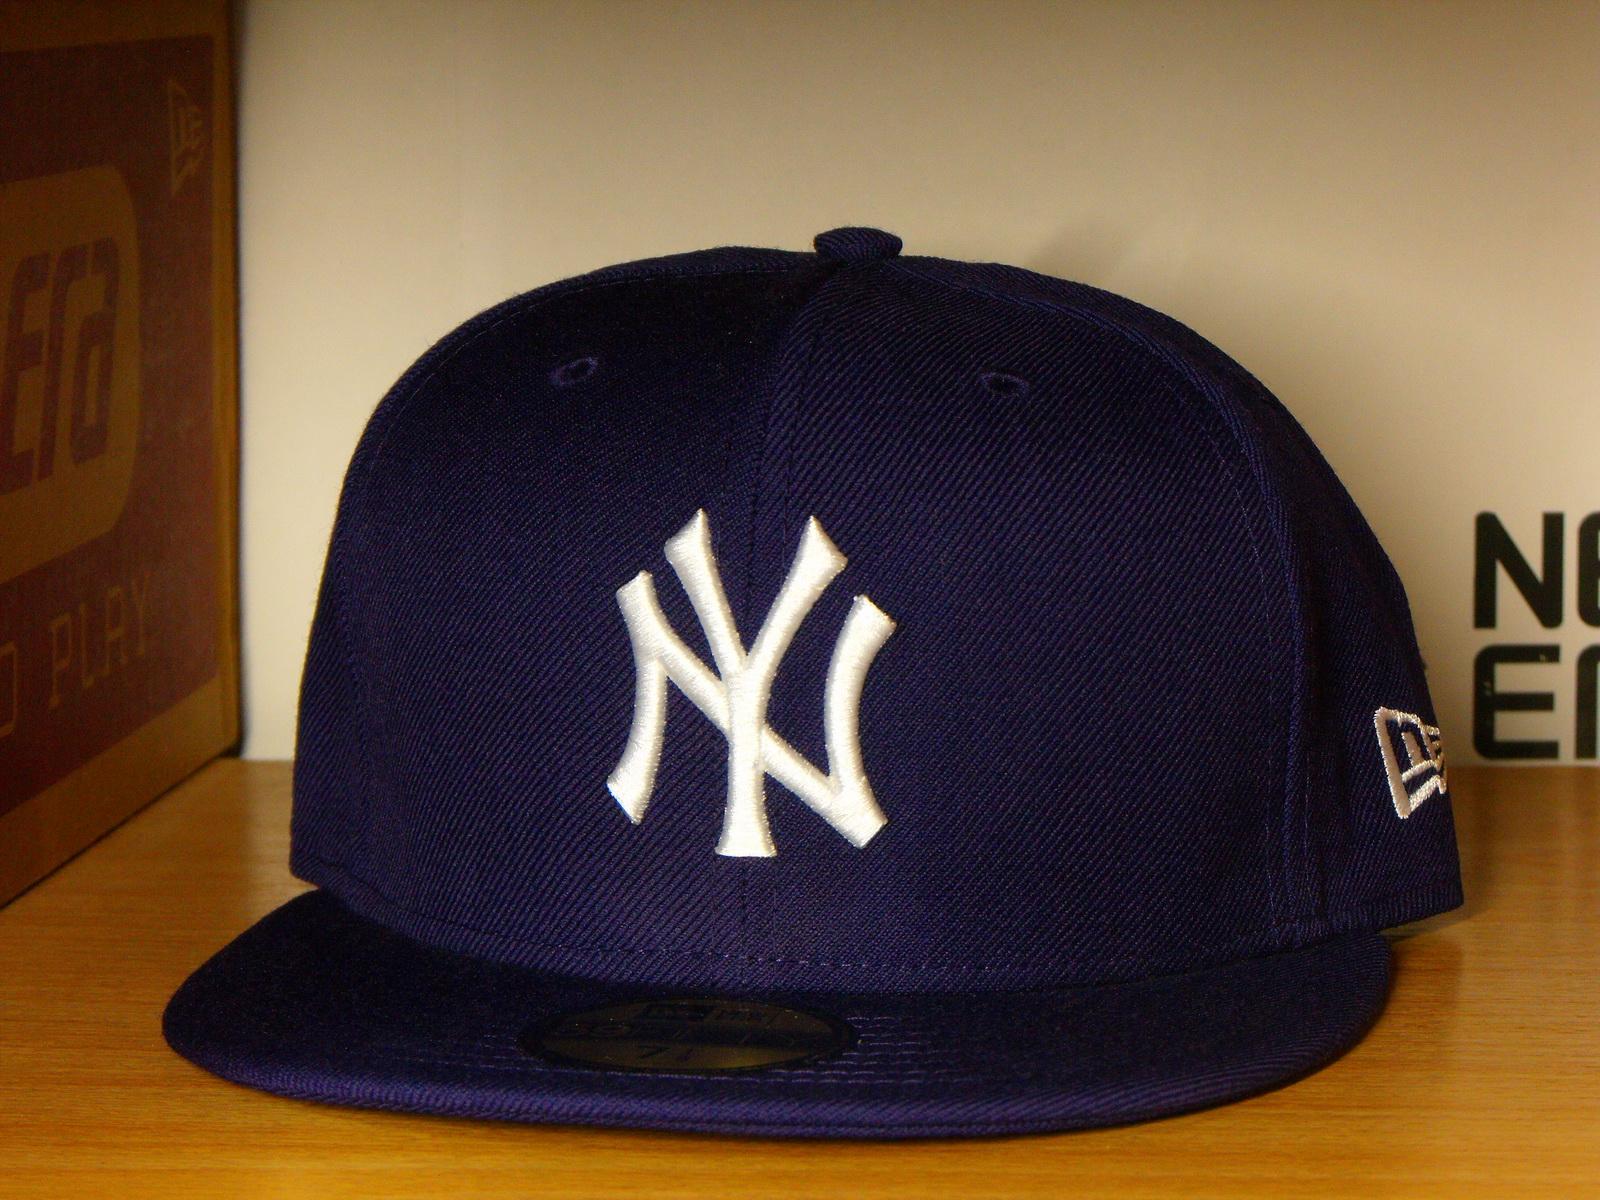 หมวก New Era New York Yankees (ม่วง)